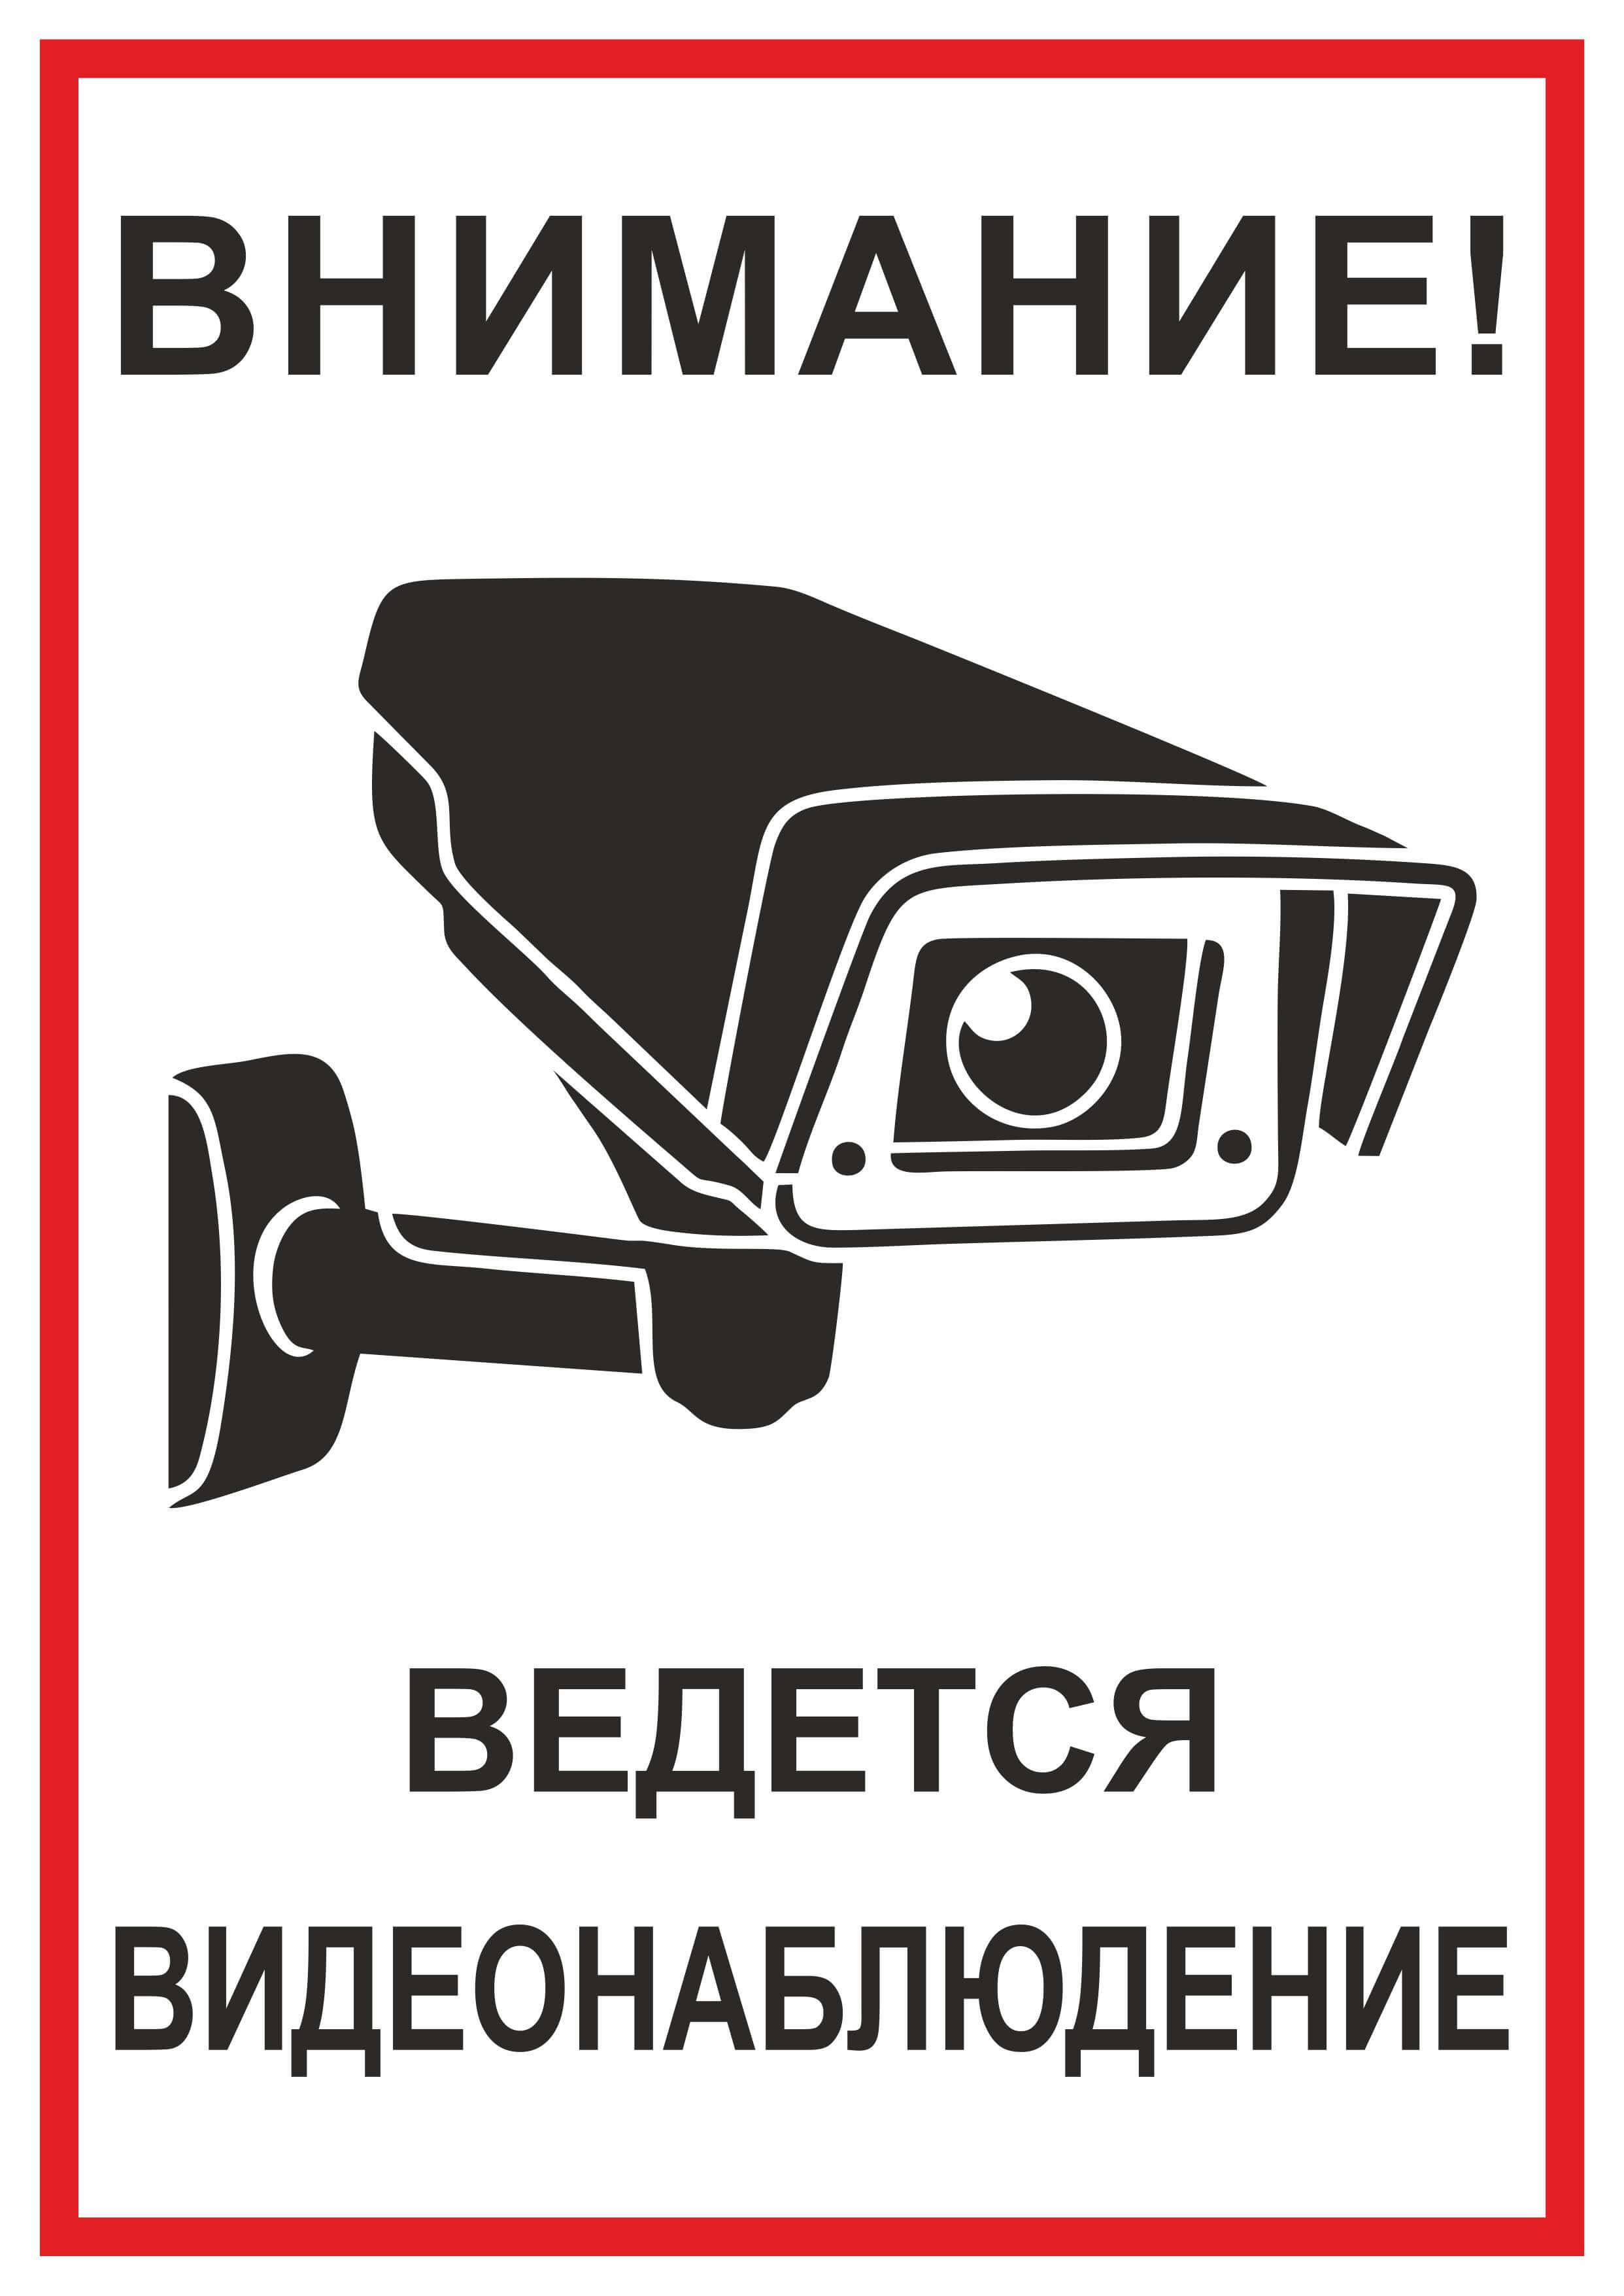 Внимание! Ведется видеонаблюдение - скачать и распечатать